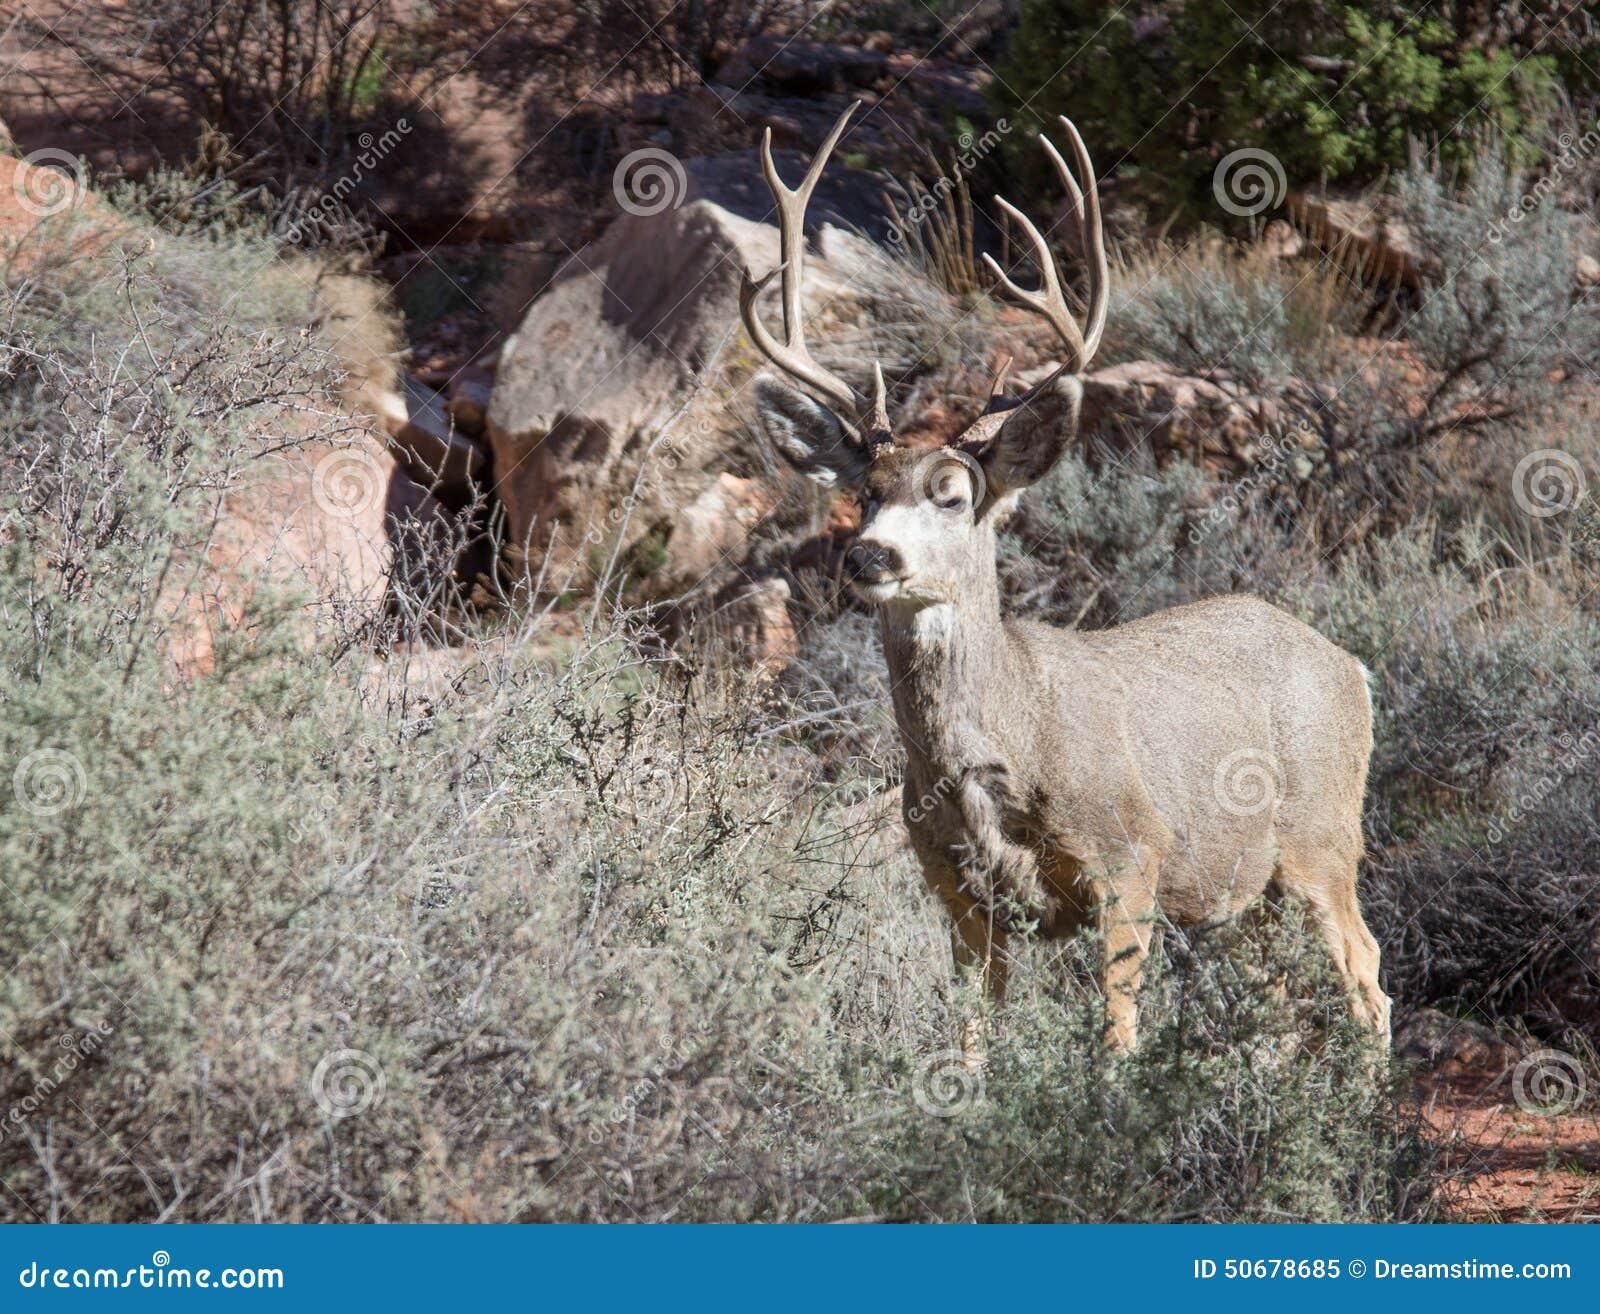 Download 鹿 库存图片. 图片 包括有 野生生物, 牛仔, 突出, 凝视, 搜索, 抗氧剂, 灌木, 岩石 - 50678685